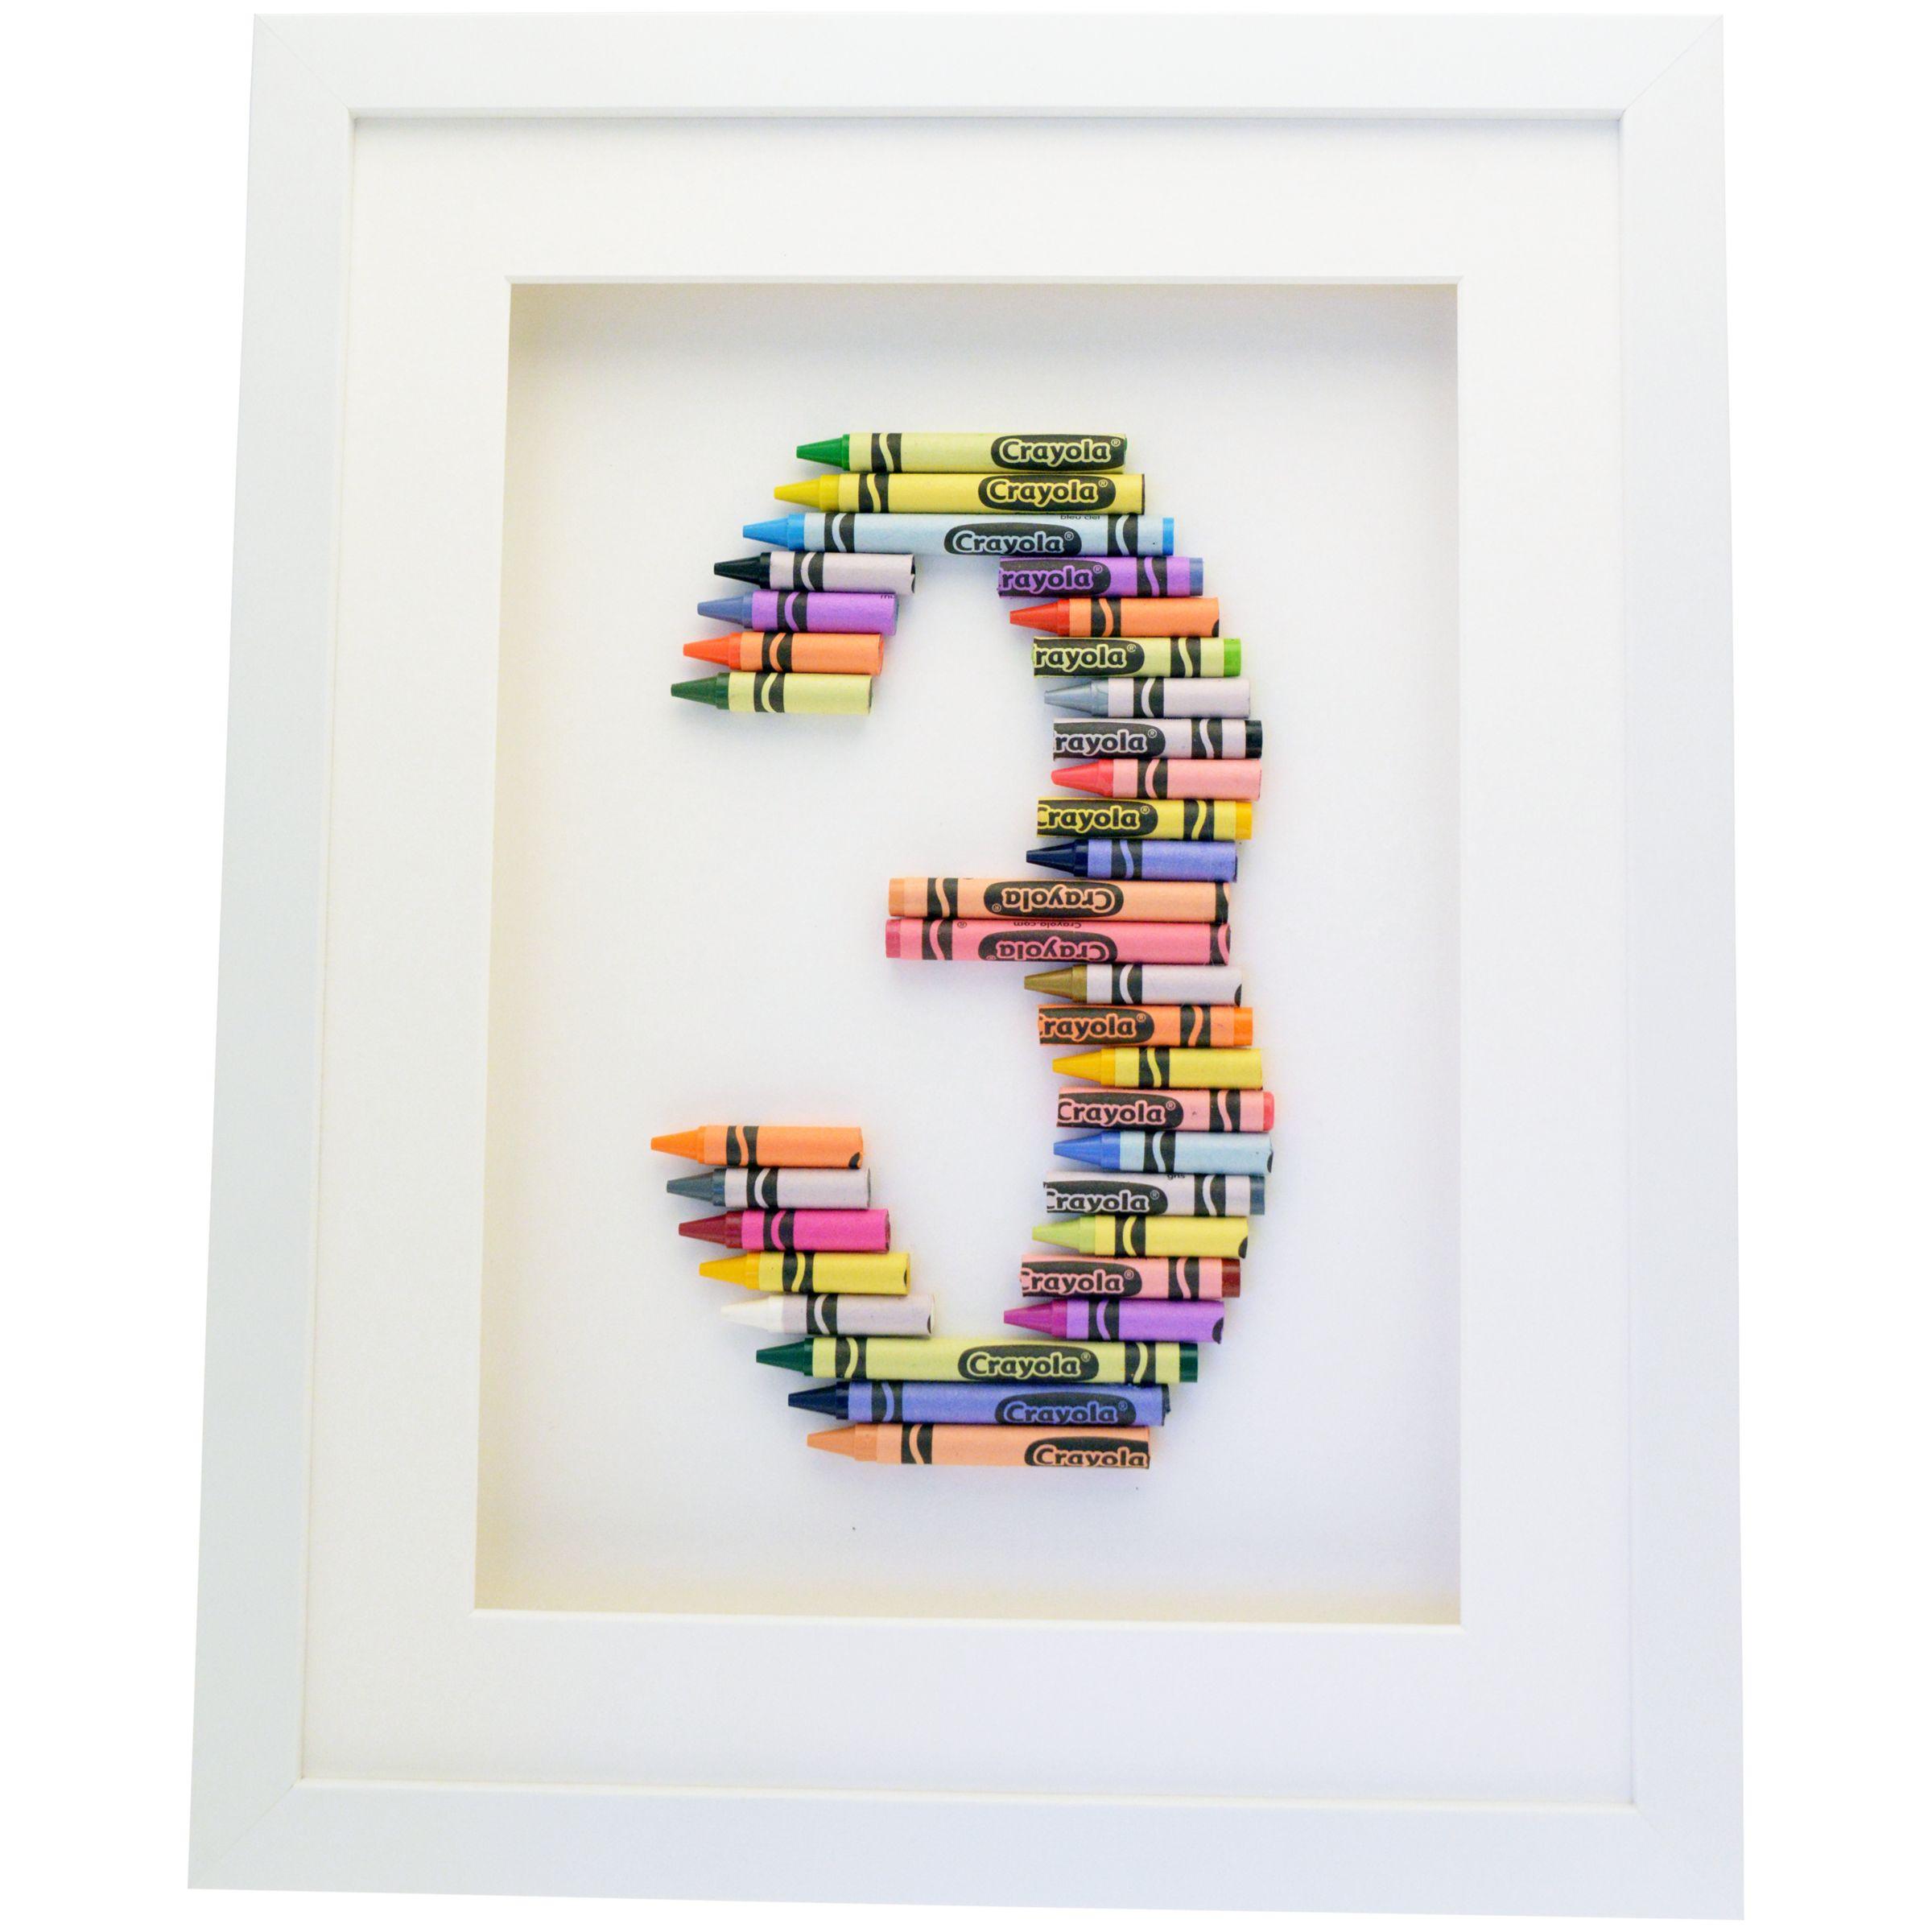 The Letteroom The Letteroom Crayon 3 Framed 3D Artwork, 34 x 29cm